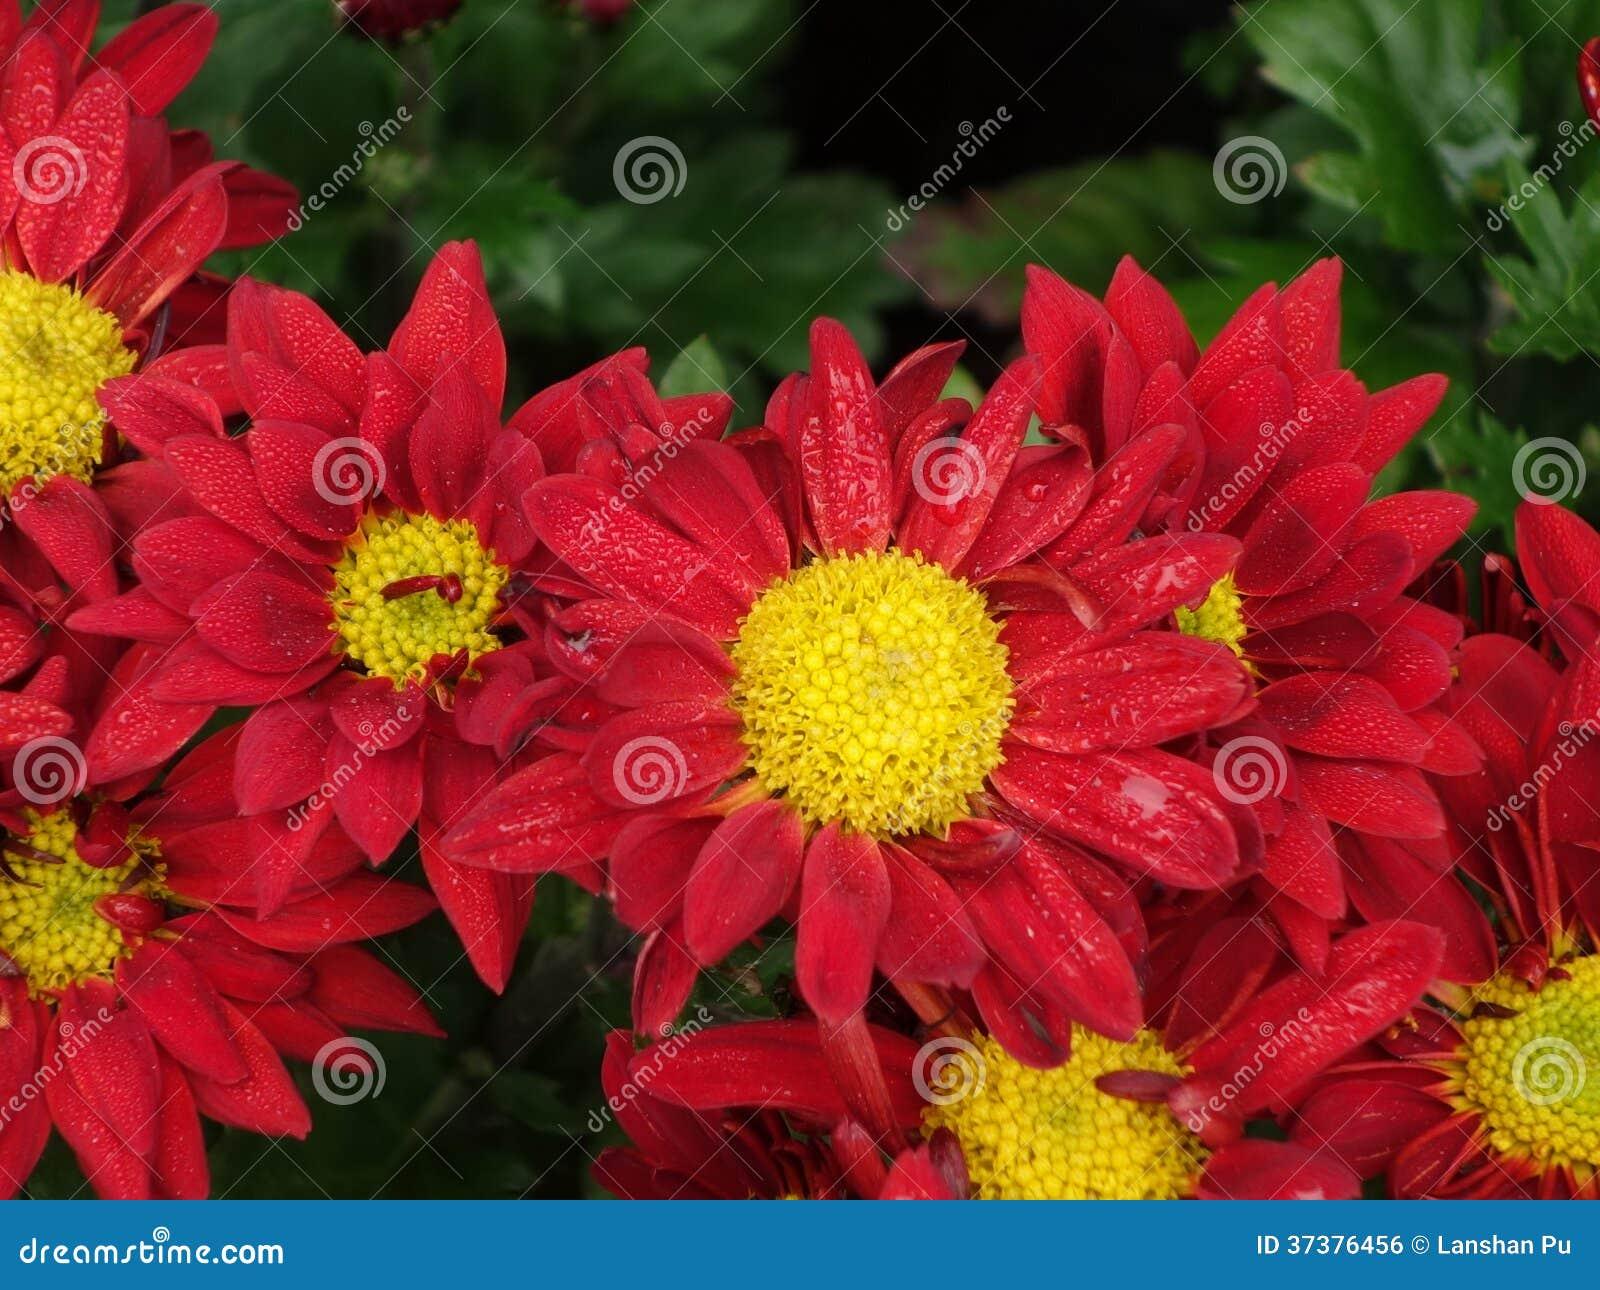 Chrysanthemum stock photo image of medicinal chrysanthemum 37376456 download chrysanthemum stock photo image of medicinal chrysanthemum 37376456 izmirmasajfo